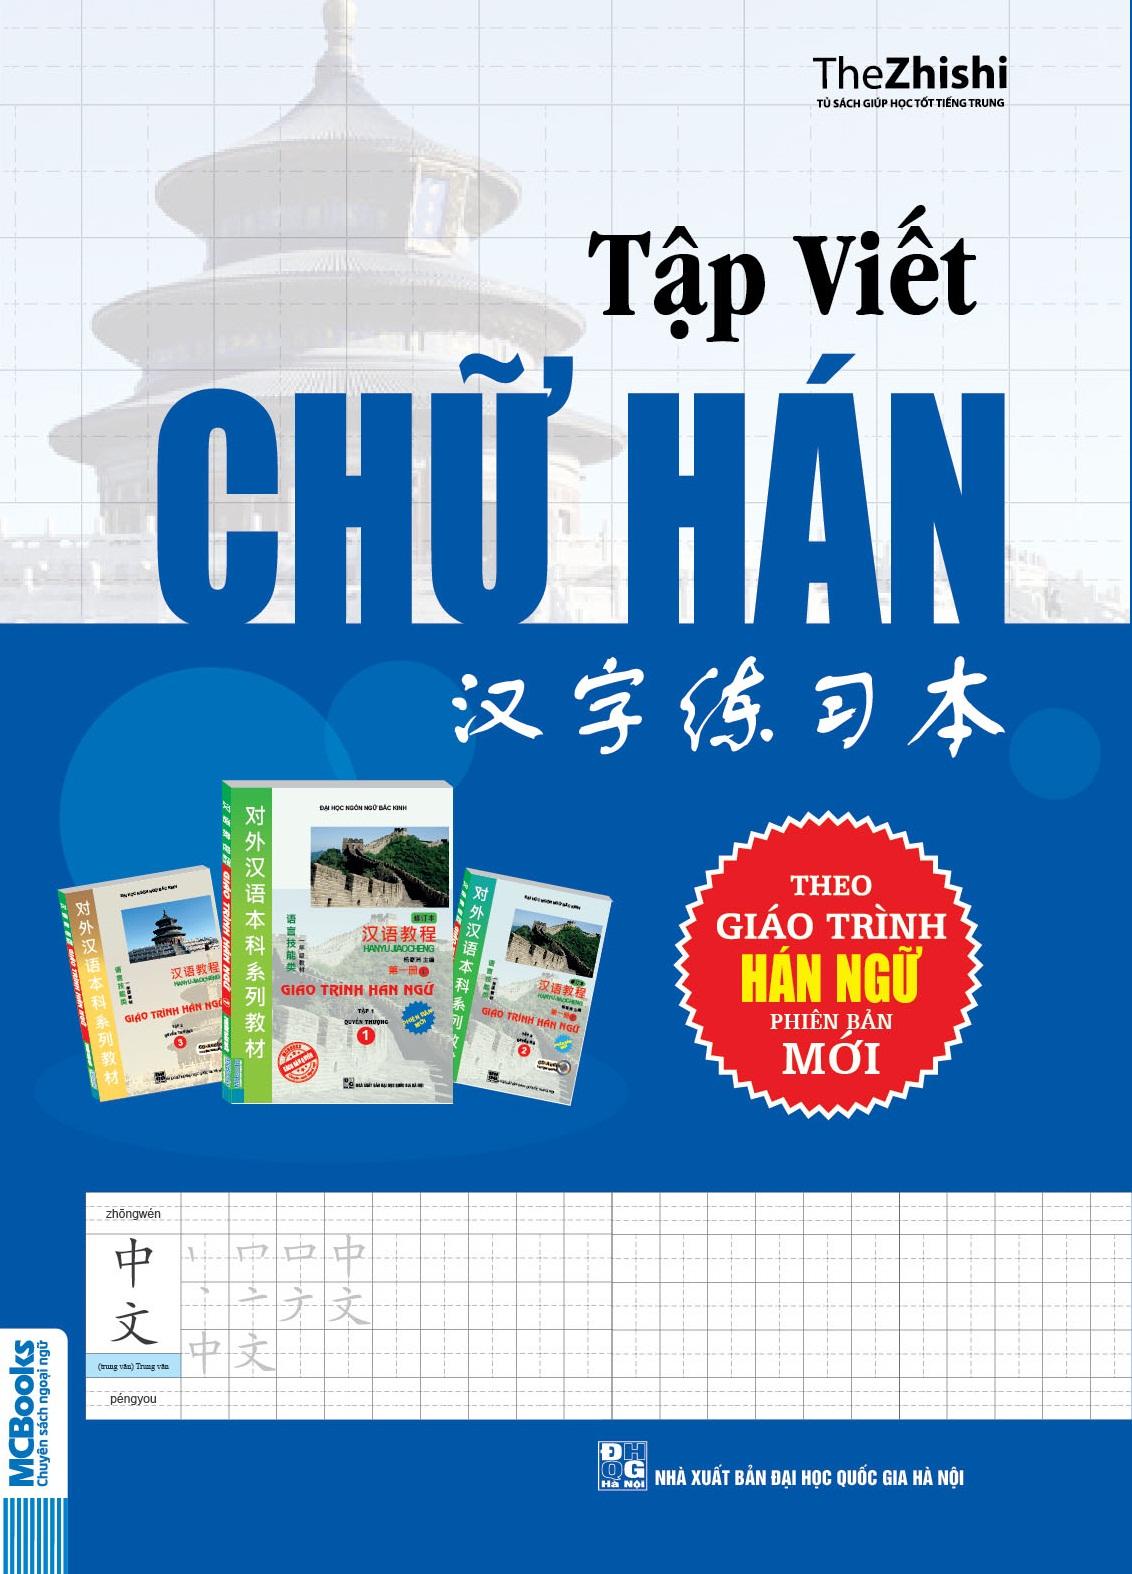 Bìa sách Tập Viết Chữ Hán Theo Giáo Trình Hán Ngữ Phiên Bản Mới (Tặng Kèm 01 Vở Tập Viết Chữ Hán)